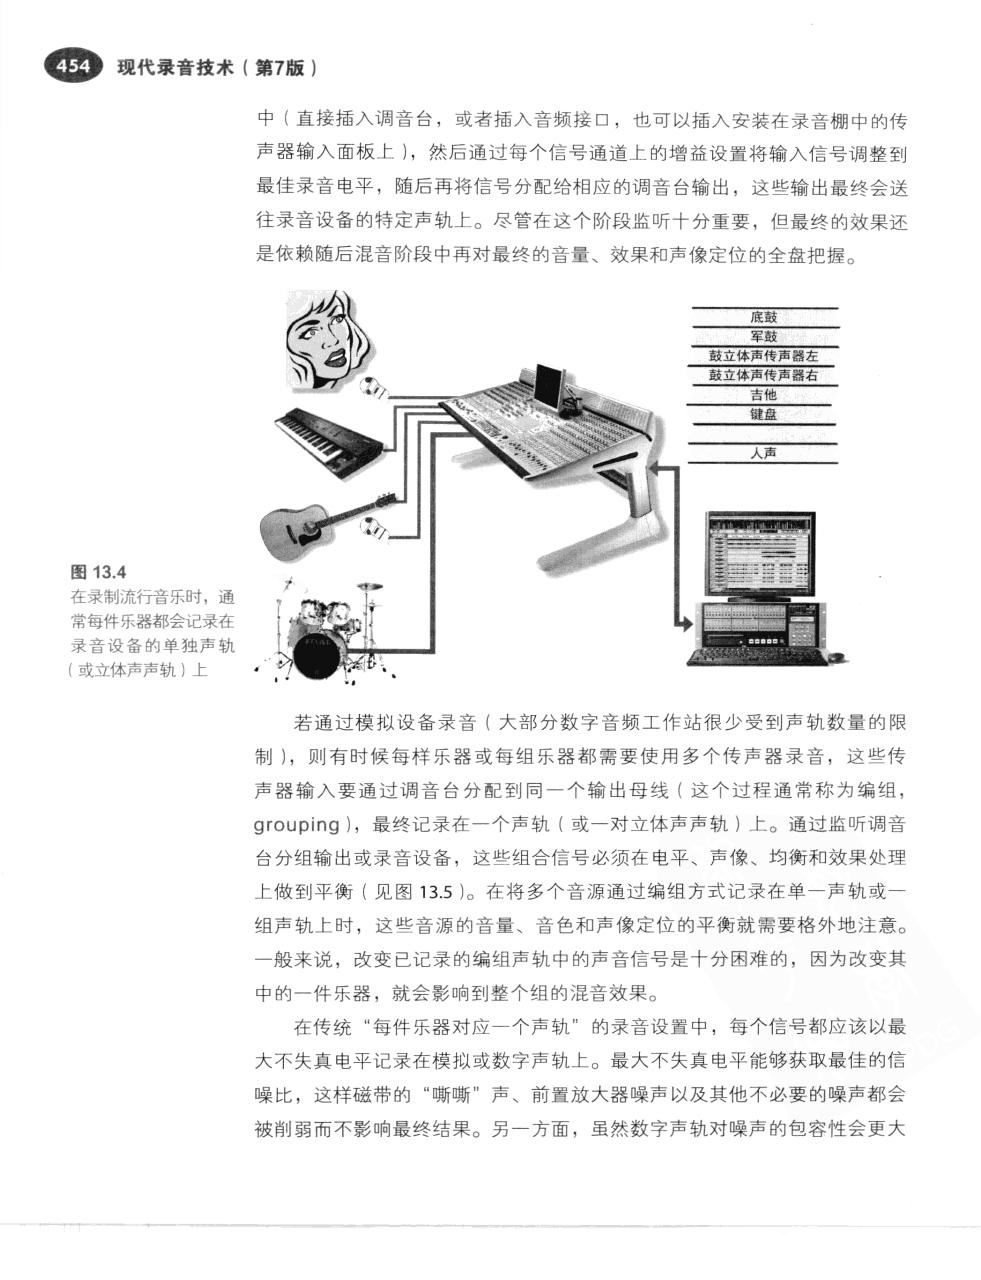 现代录音技术(第7版) 481